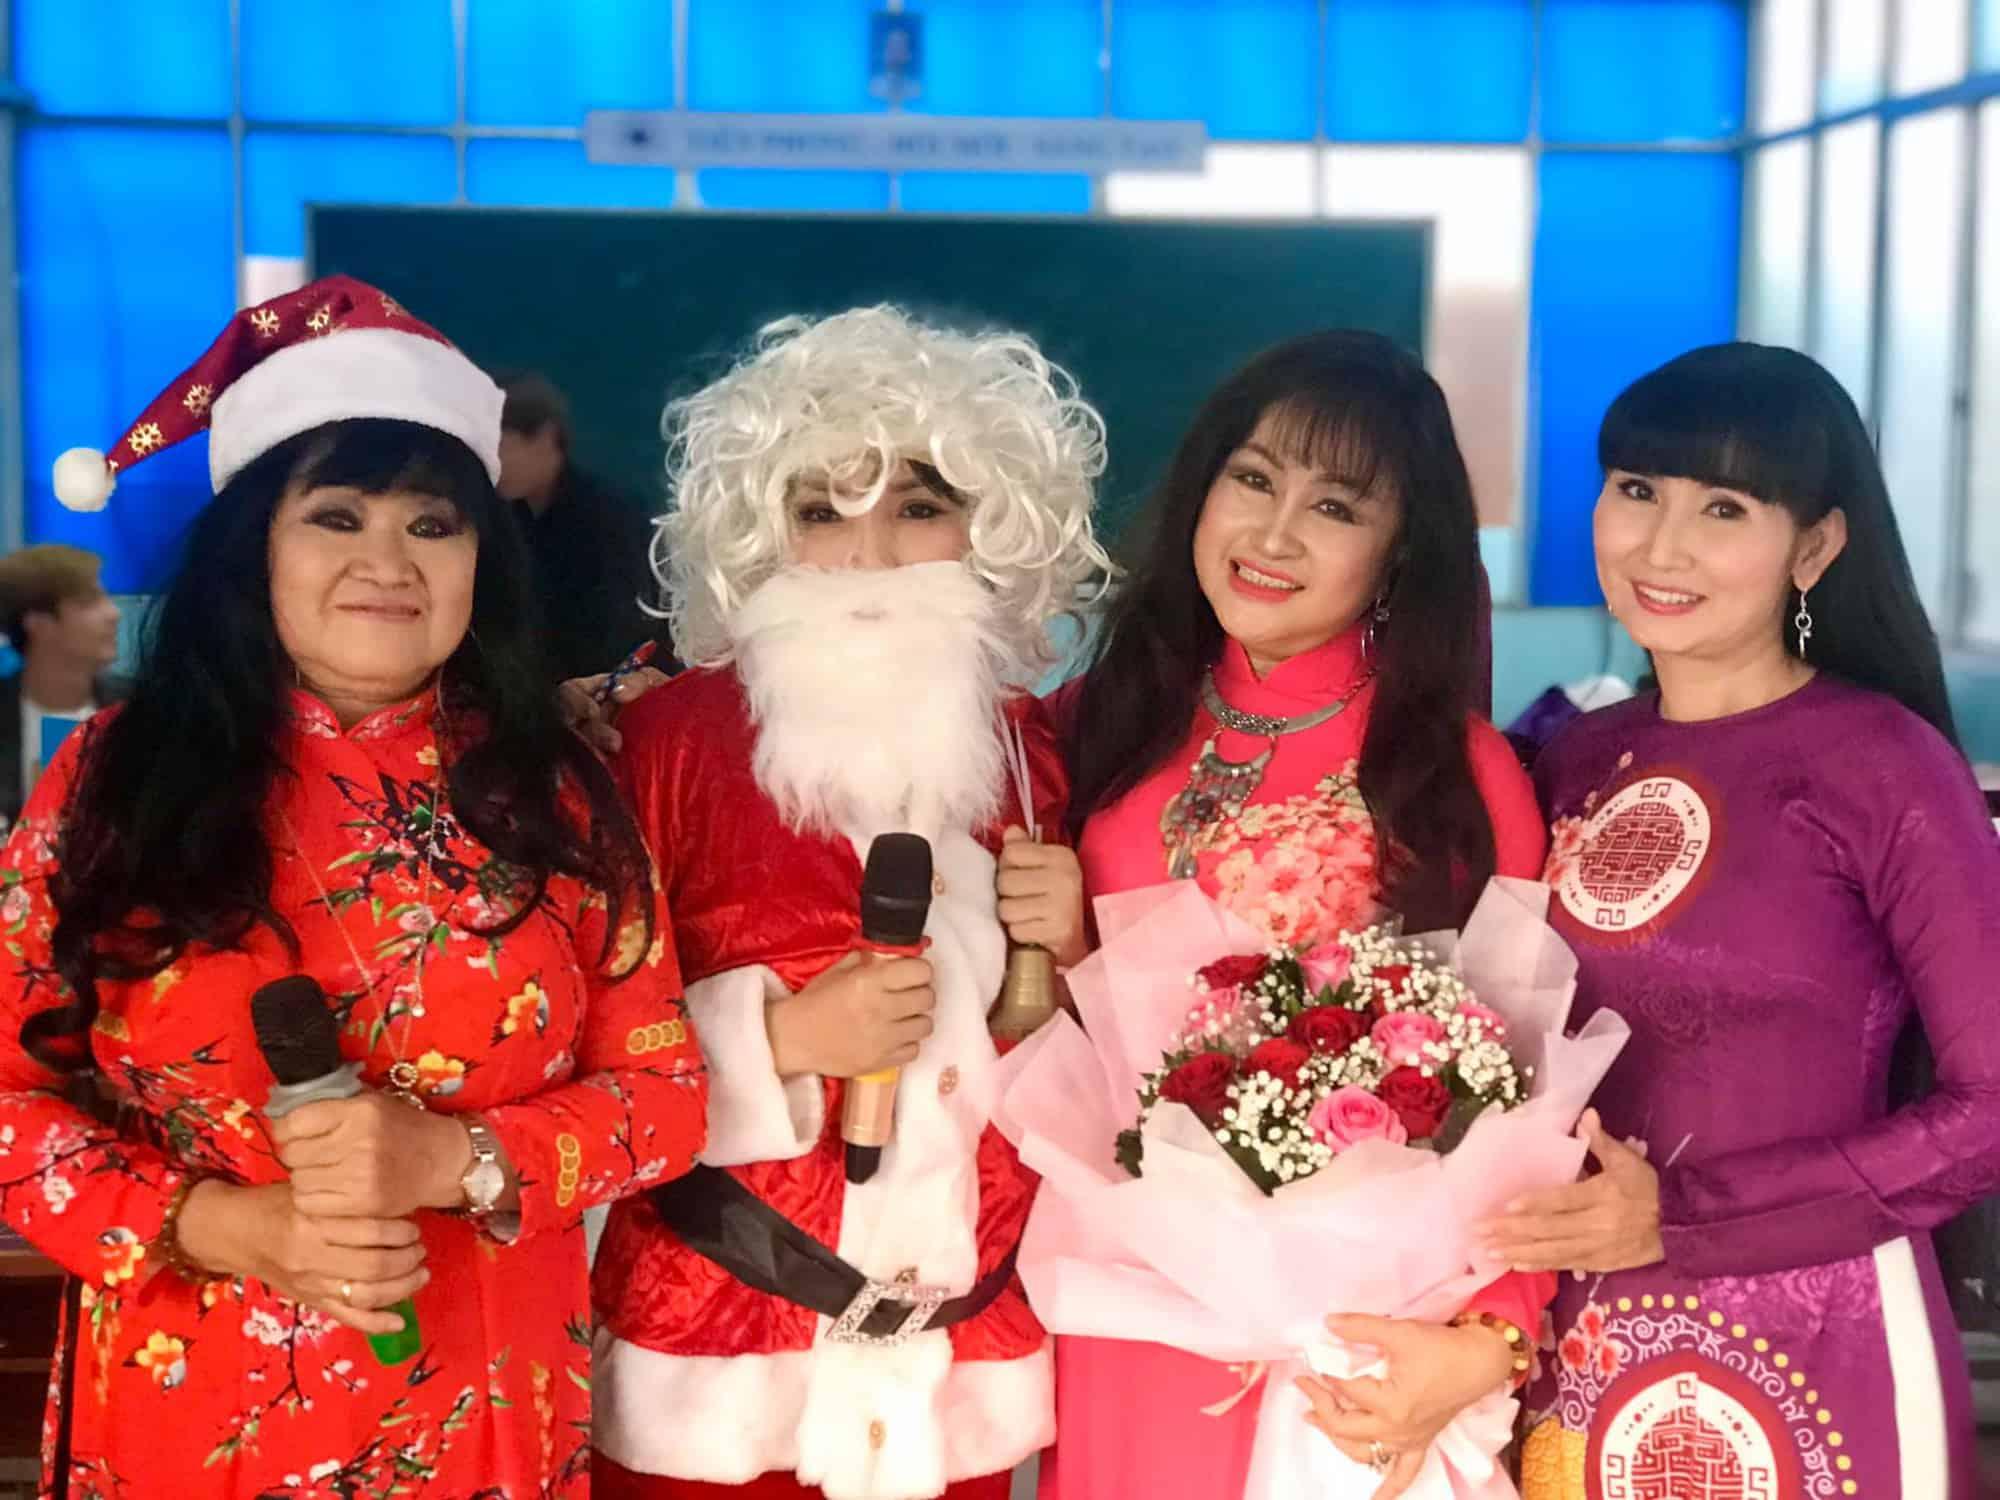 NSND Ngọc Giàu, NS Mạc Can, Việt Hương mang niềm vui san sẻ trong mùa Giáng sinh - Ảnh 8